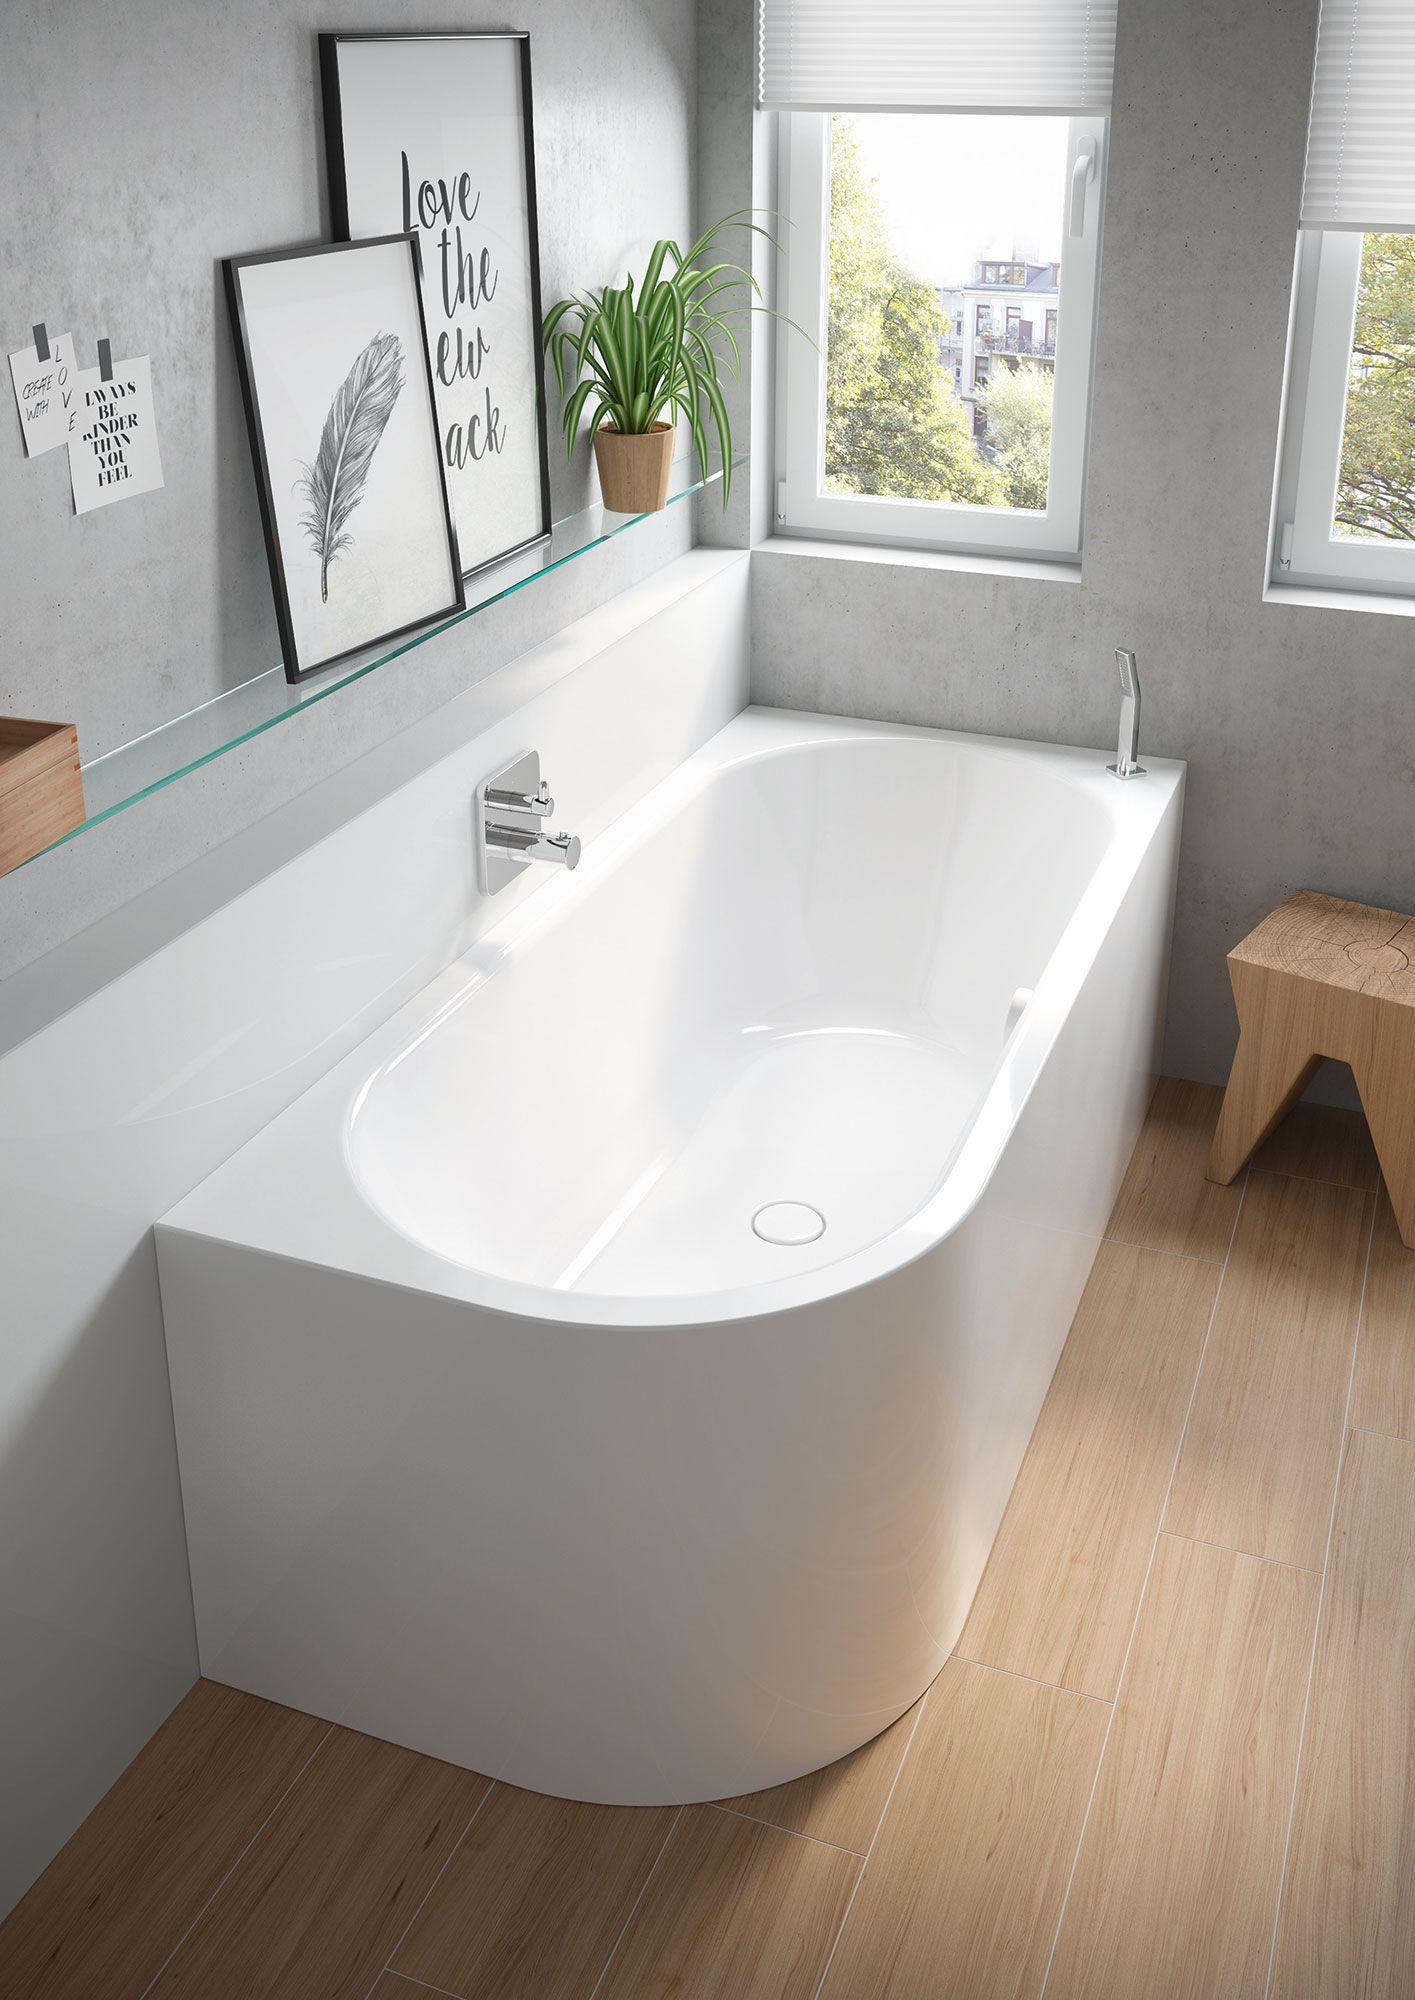 Sieben Gestaltungstipps Fur Kleine Bader In 2020 Kleine Badezimmer Inspiration Kleines Bad Gestalten Kaldewei